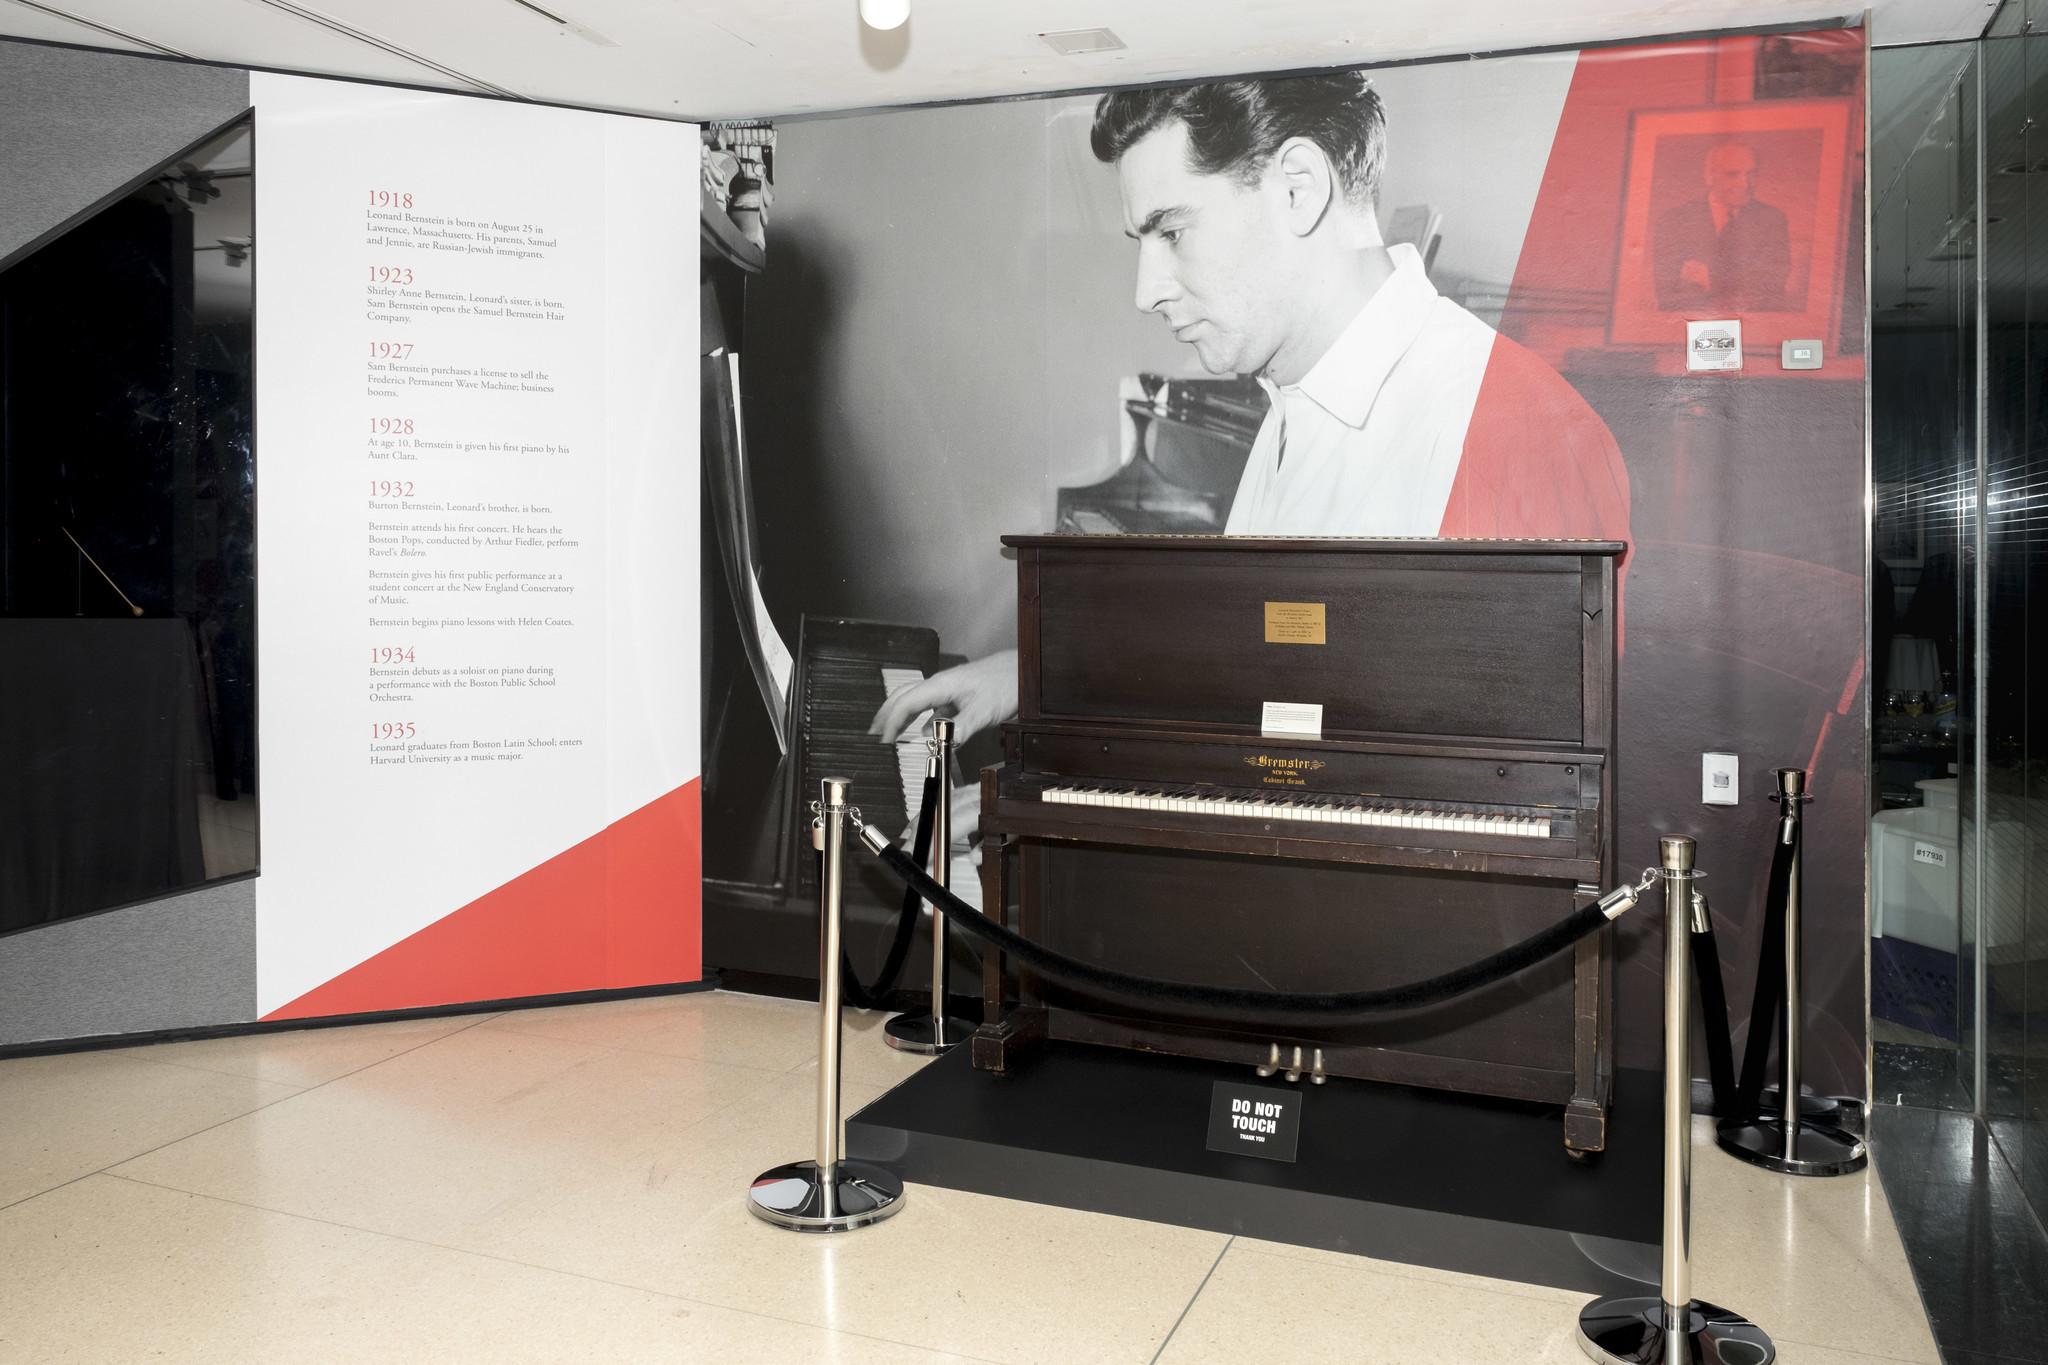 Grammy Museum's Leonard Bernstein traveling exhibit